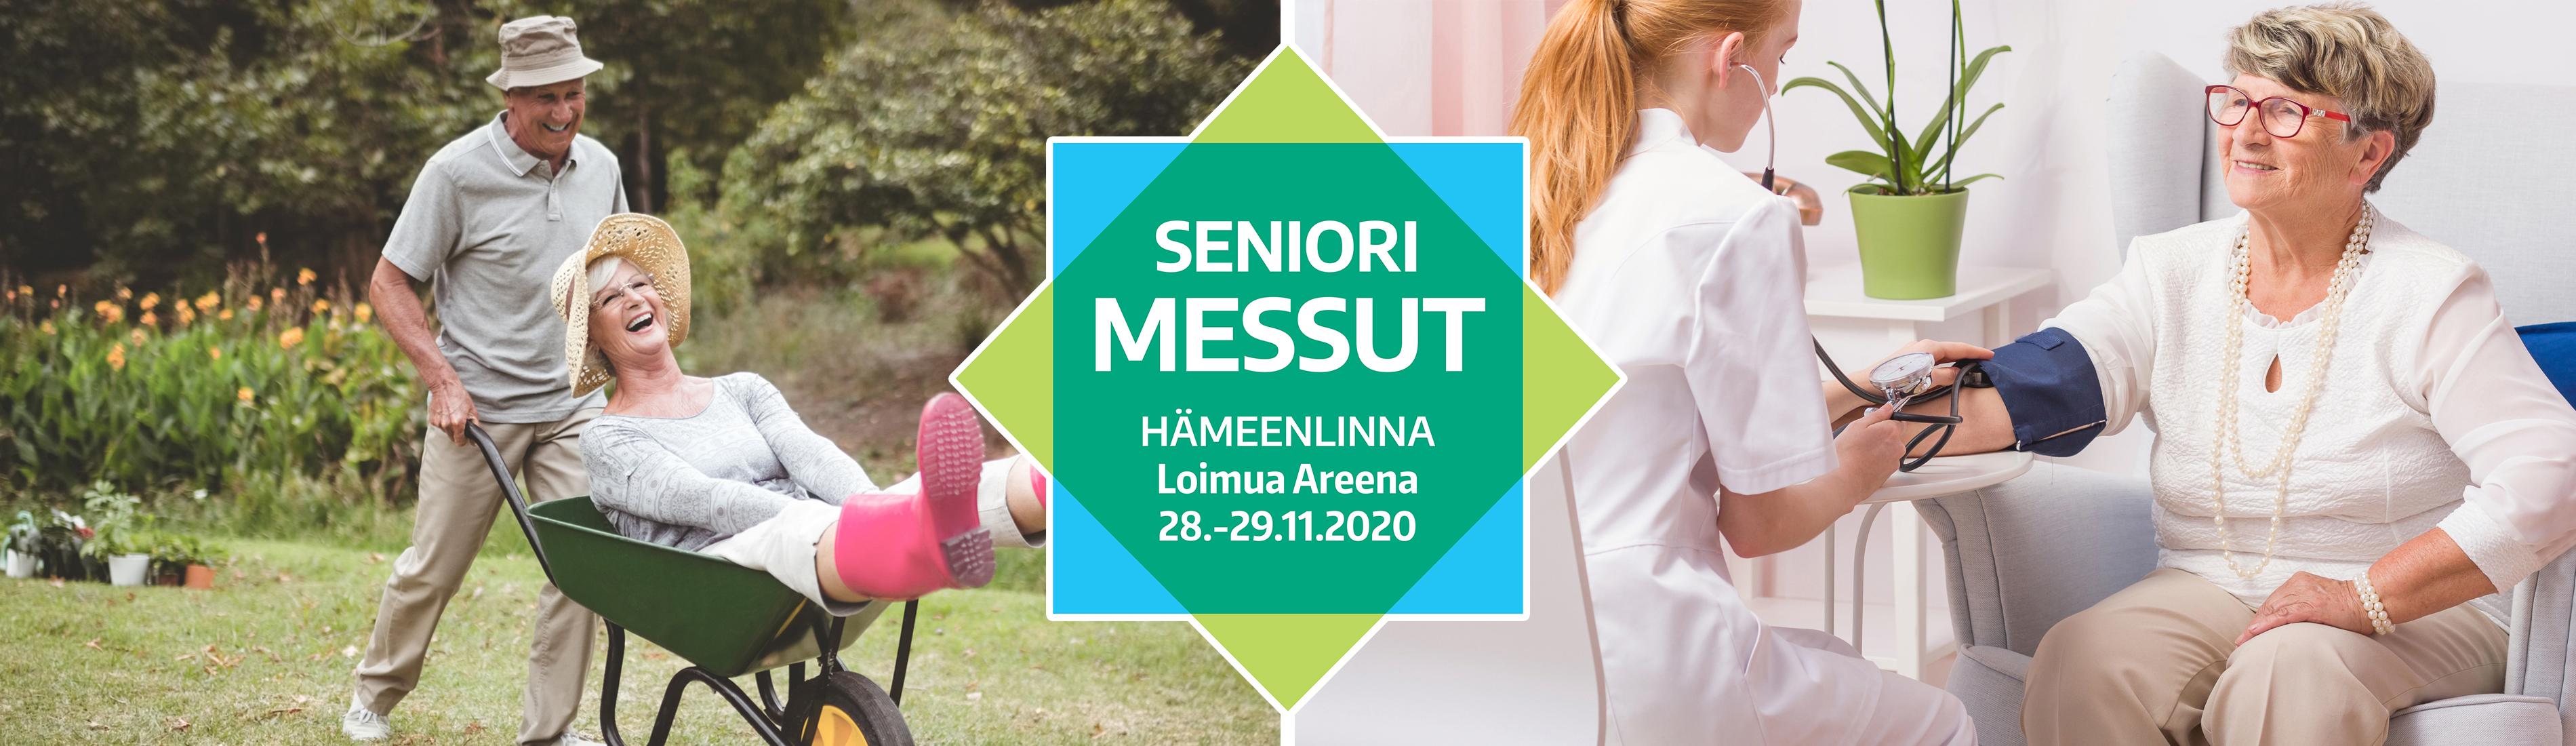 Seniorimessut